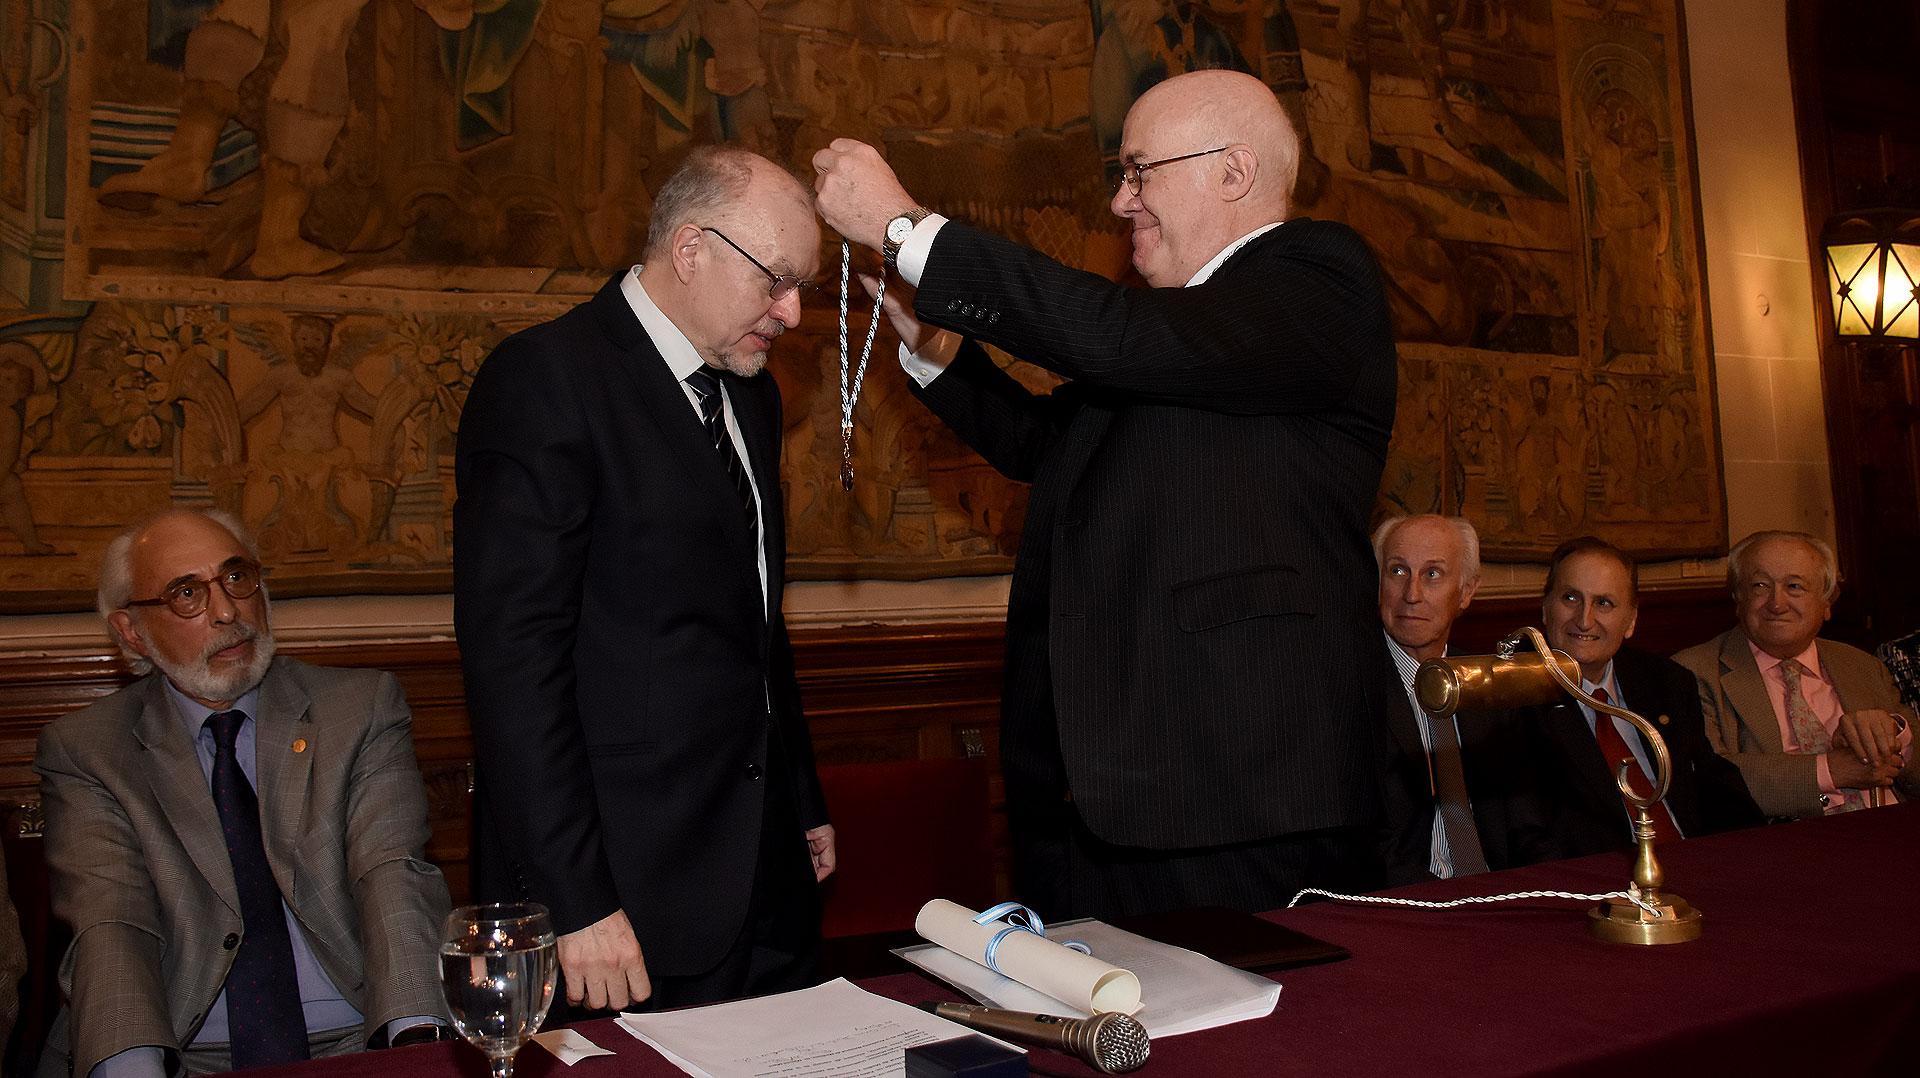 José Luis Moure, presidente de la Academia Argentina de Letras, le coloca la medalla honorífica